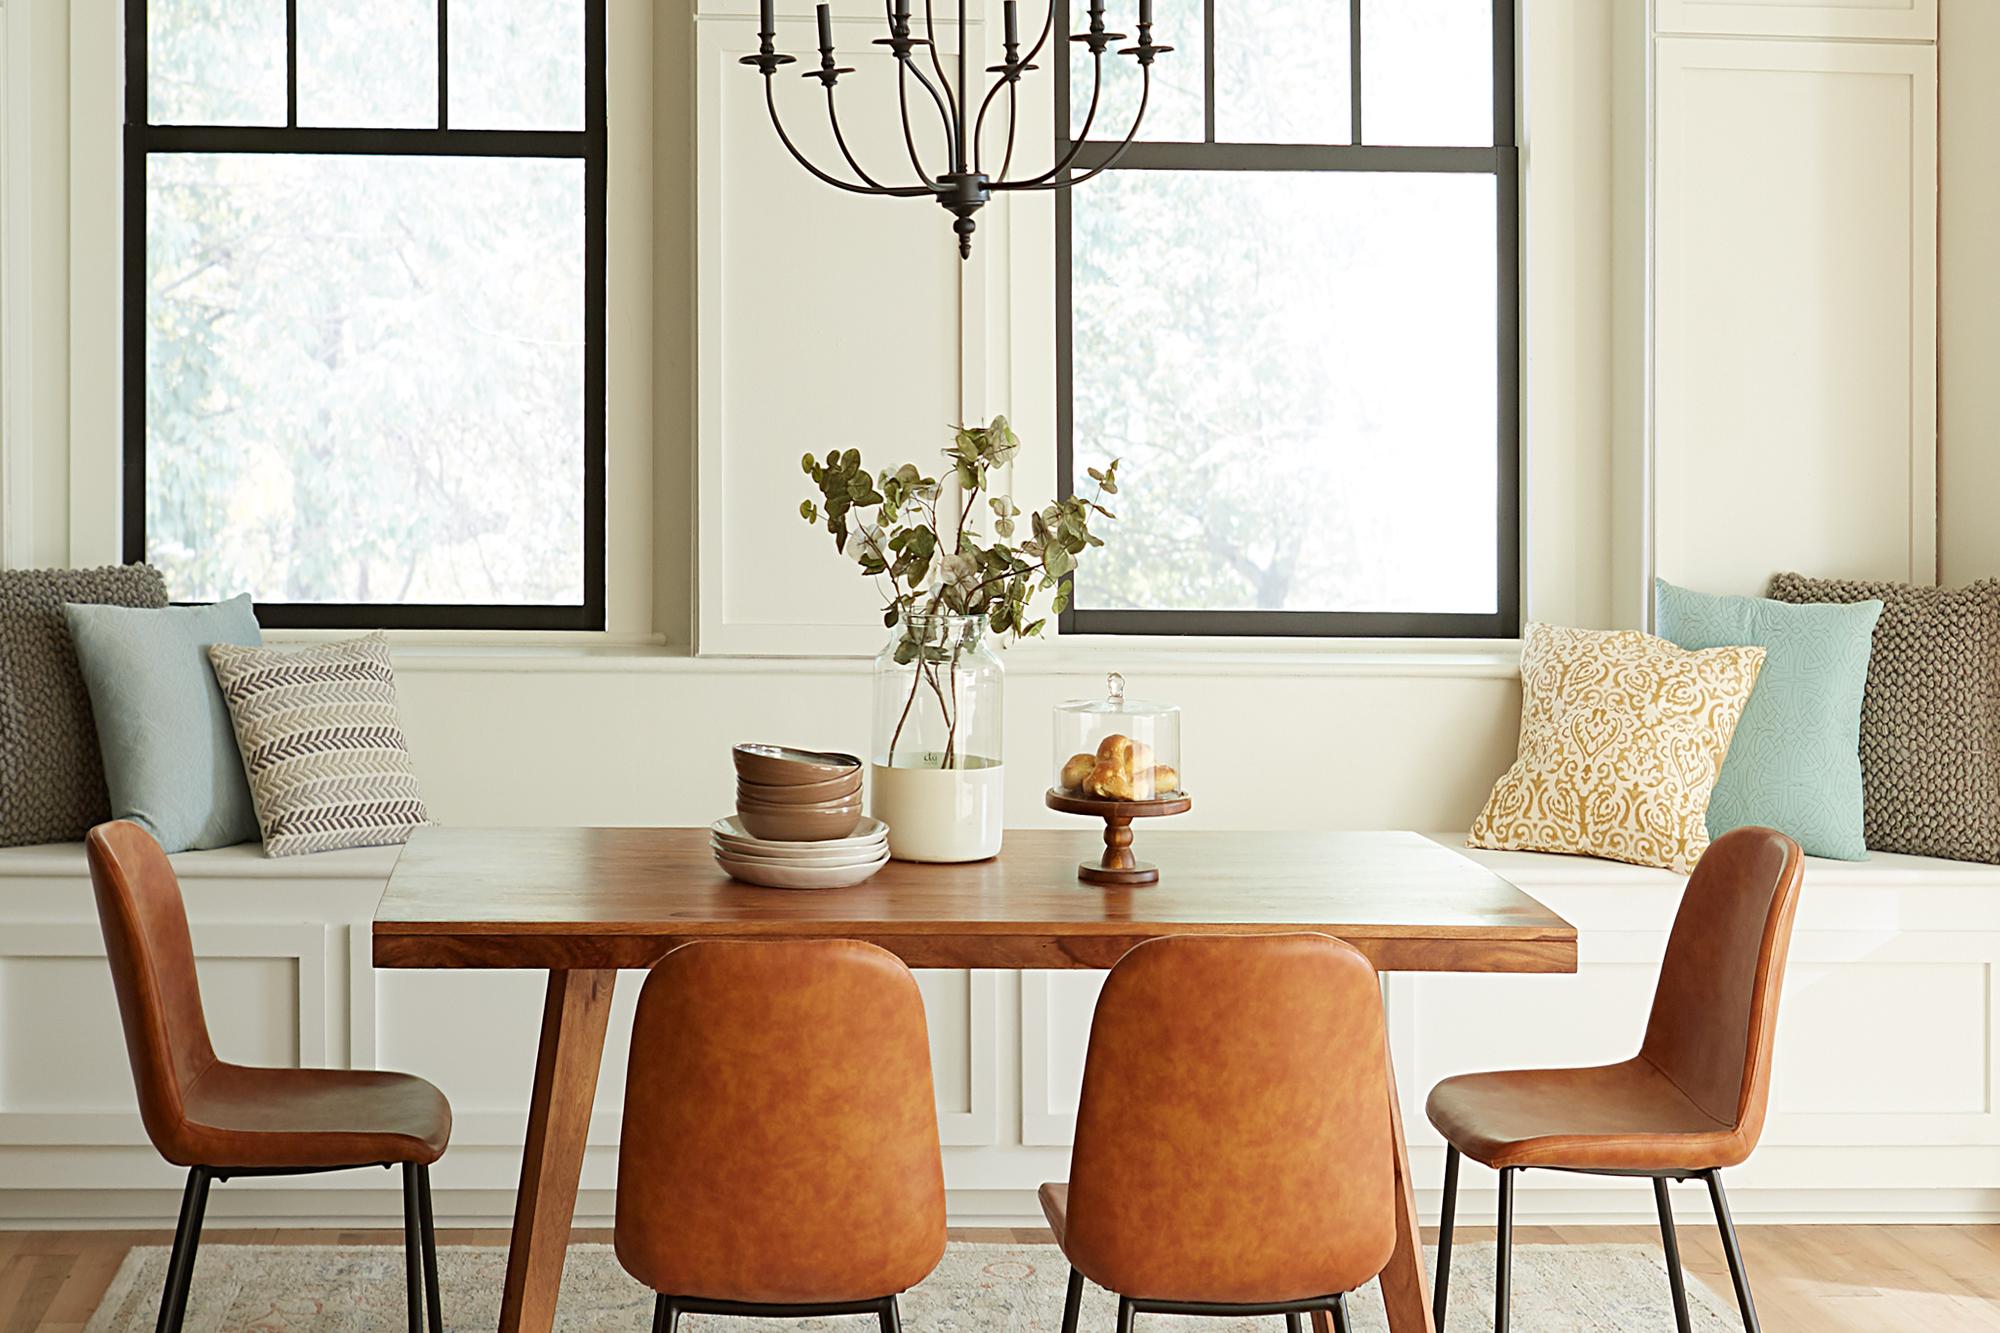 Dining Room Designed for Mindful Living